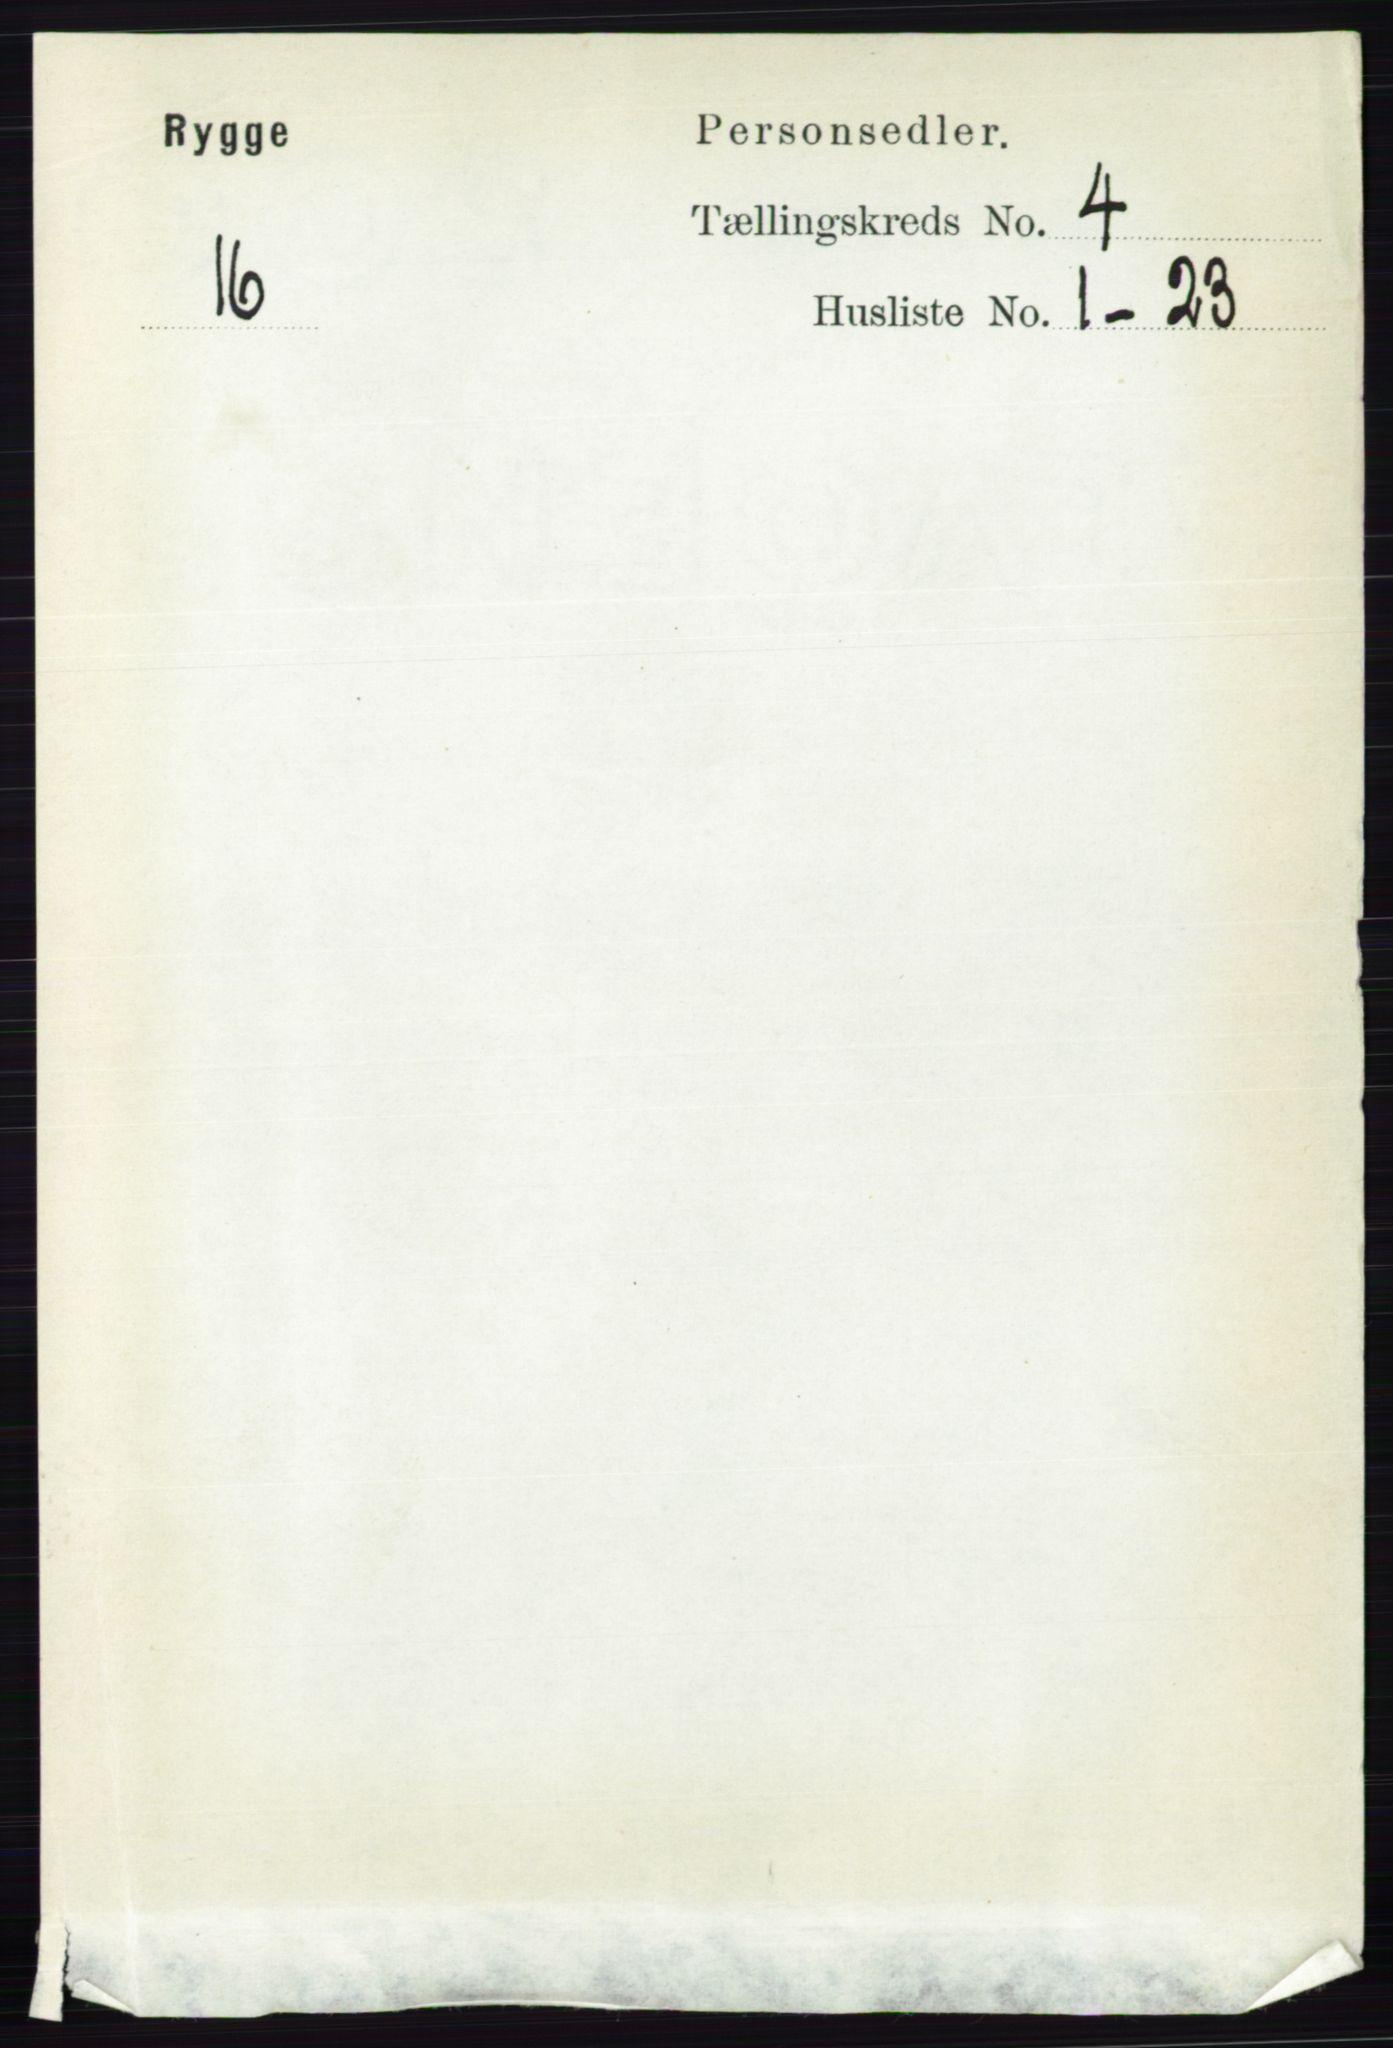 RA, Folketelling 1891 for 0136 Rygge herred, 1891, s. 2230